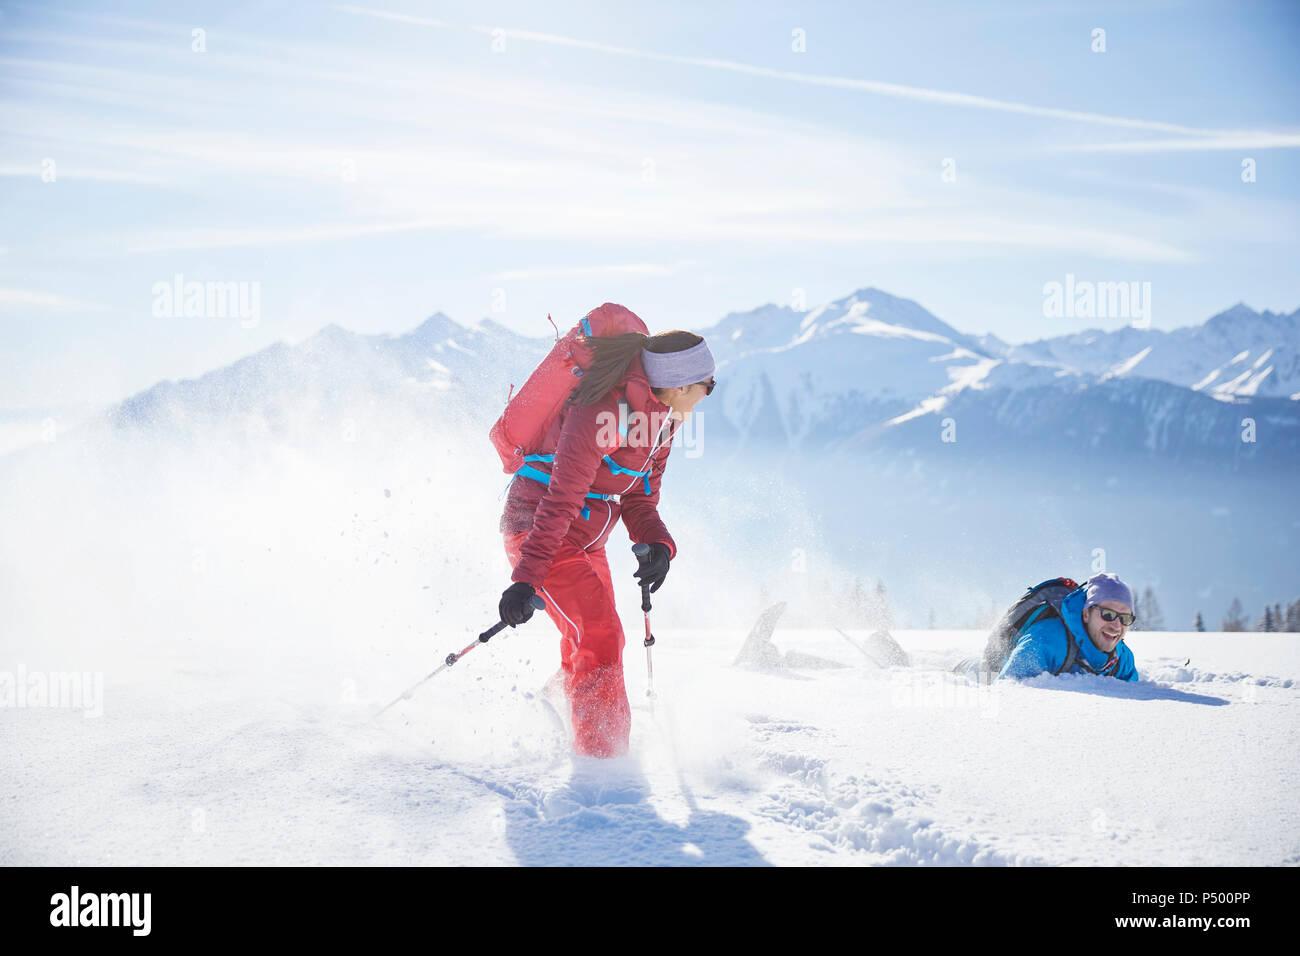 Austria, Tirol, senderismo con raquetas de nieve, hombre corriendo a través de caída Imagen De Stock